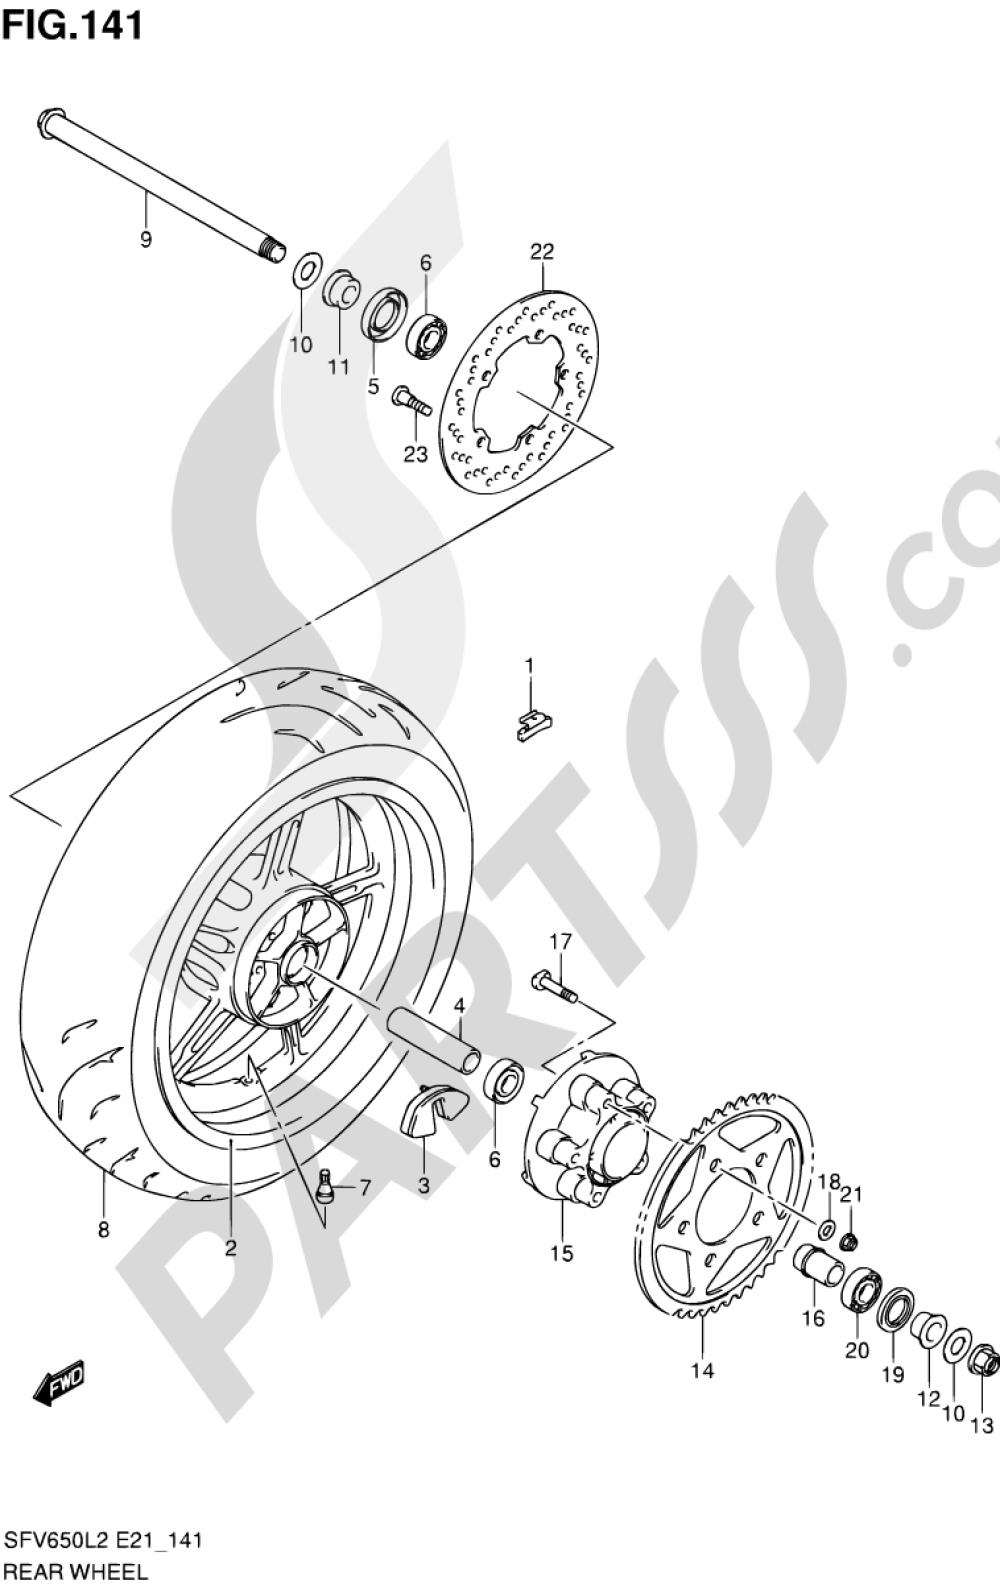 141 - REAR WHEEL (SFV650UL2 E24) Suzuki GLADIUS SFV650 2012